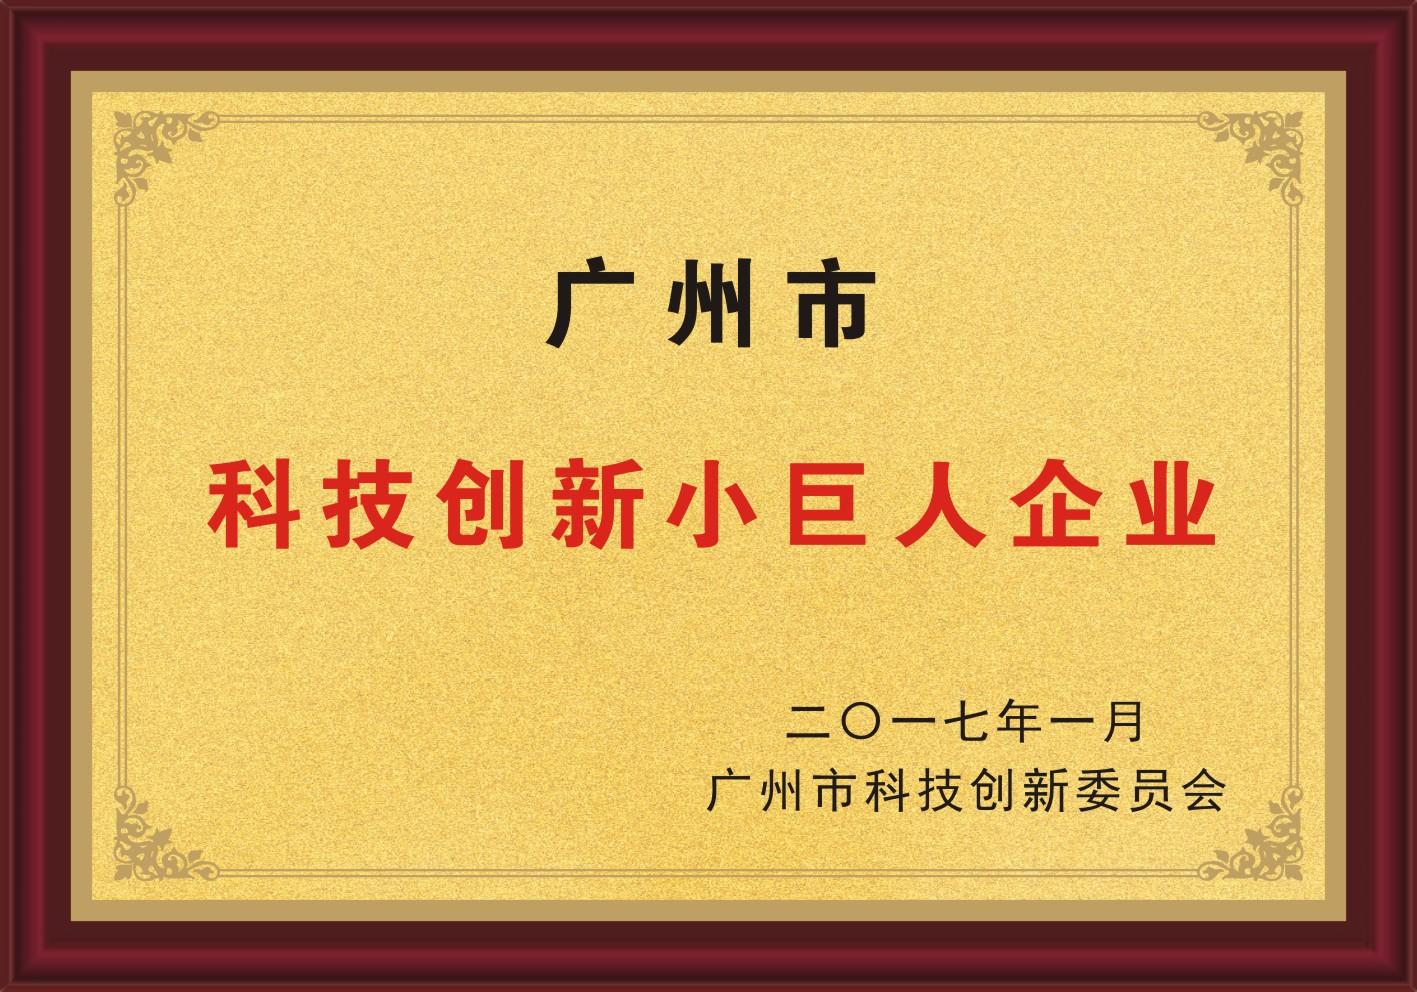 广州市科技小巨人企业